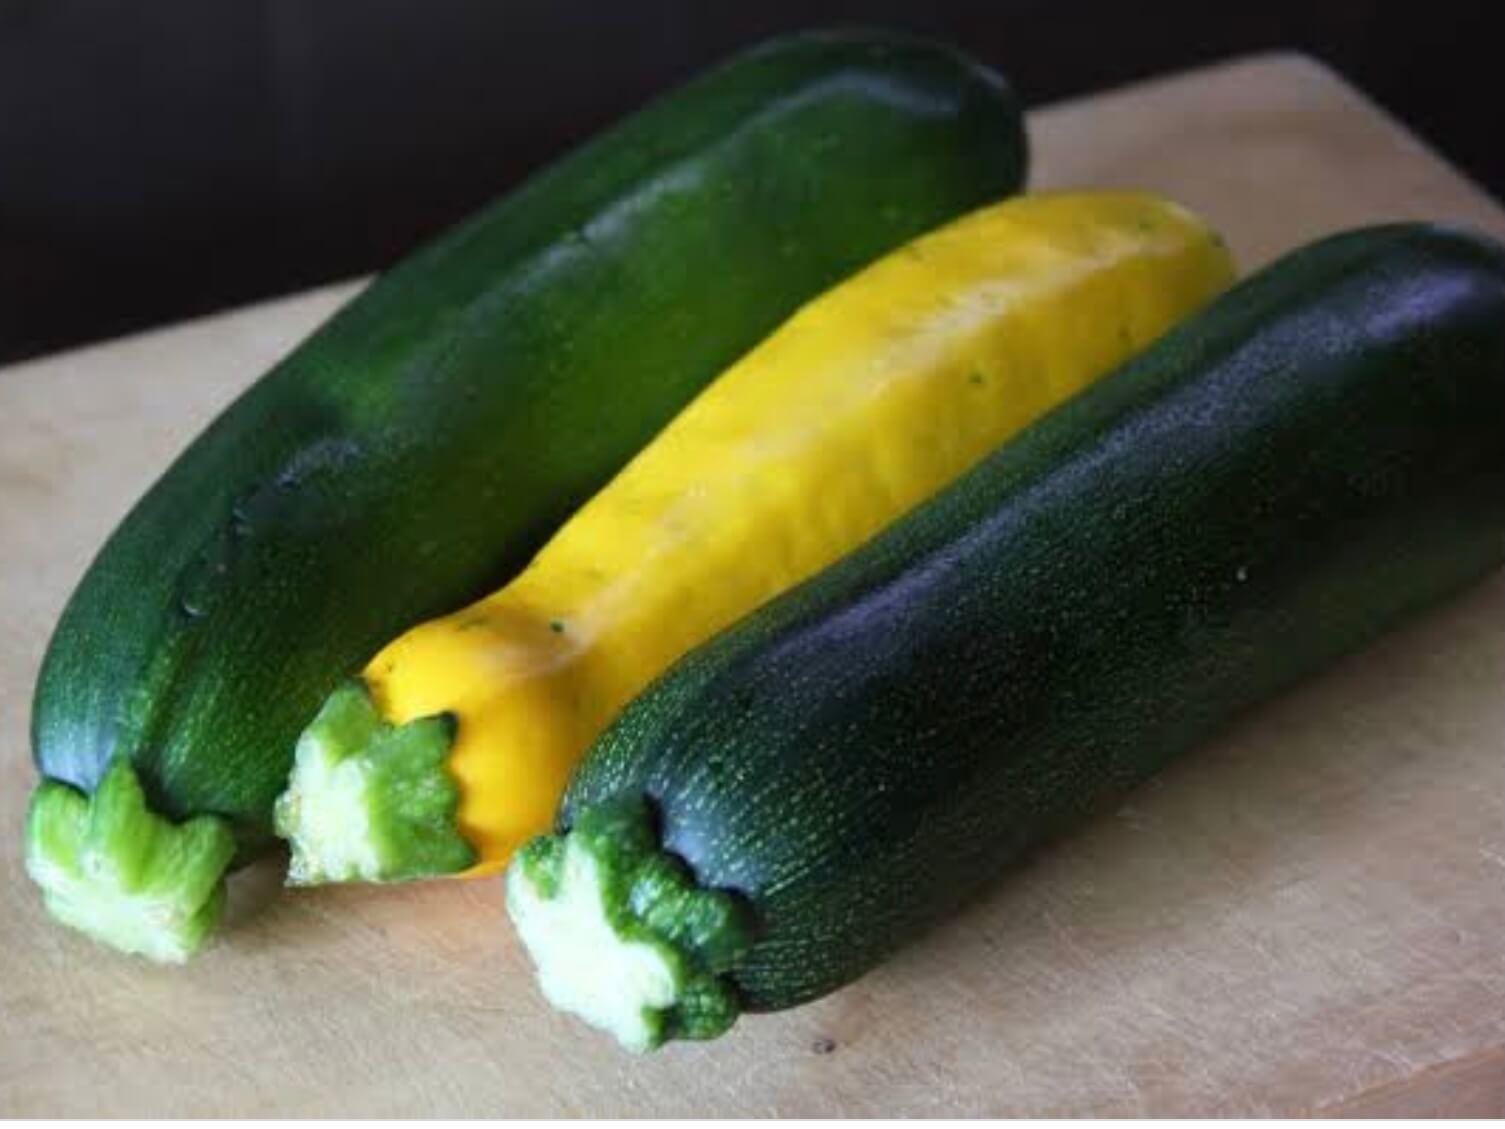 野菜の紹介です|野菜がおいしいごはん|愛知県安城市 暮らしのお店野菜の紹介です【ズッキーニ】